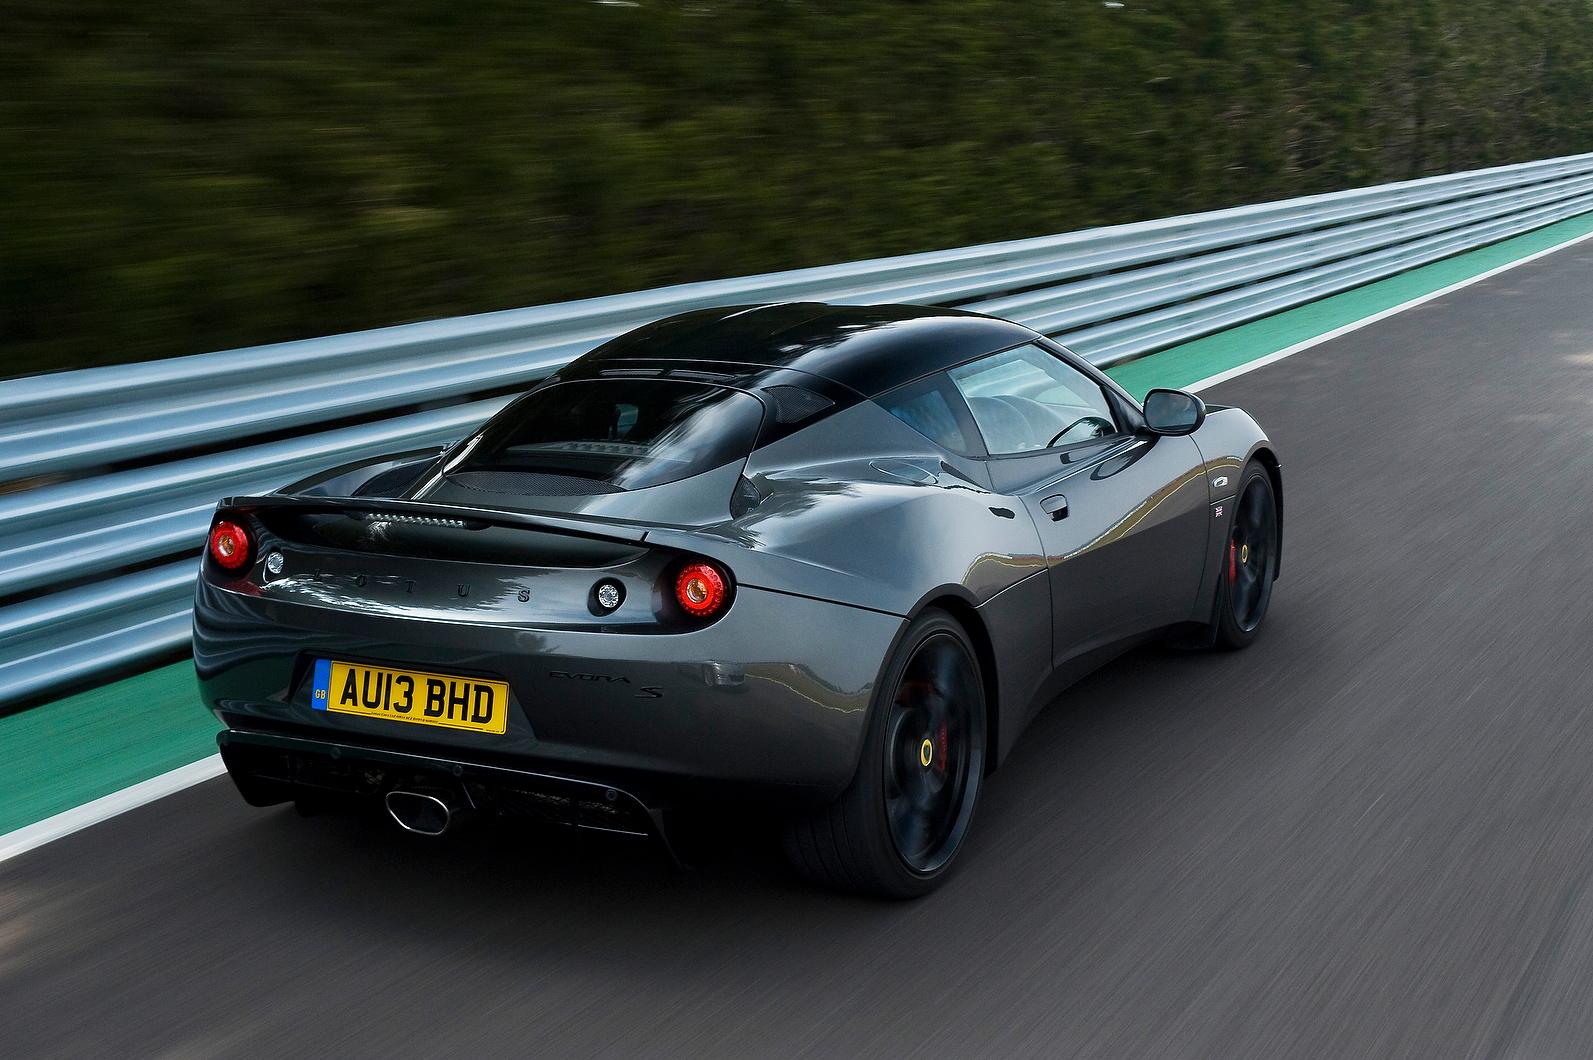 lotus evora s sports racer coup 3 5 v6 review autocar. Black Bedroom Furniture Sets. Home Design Ideas